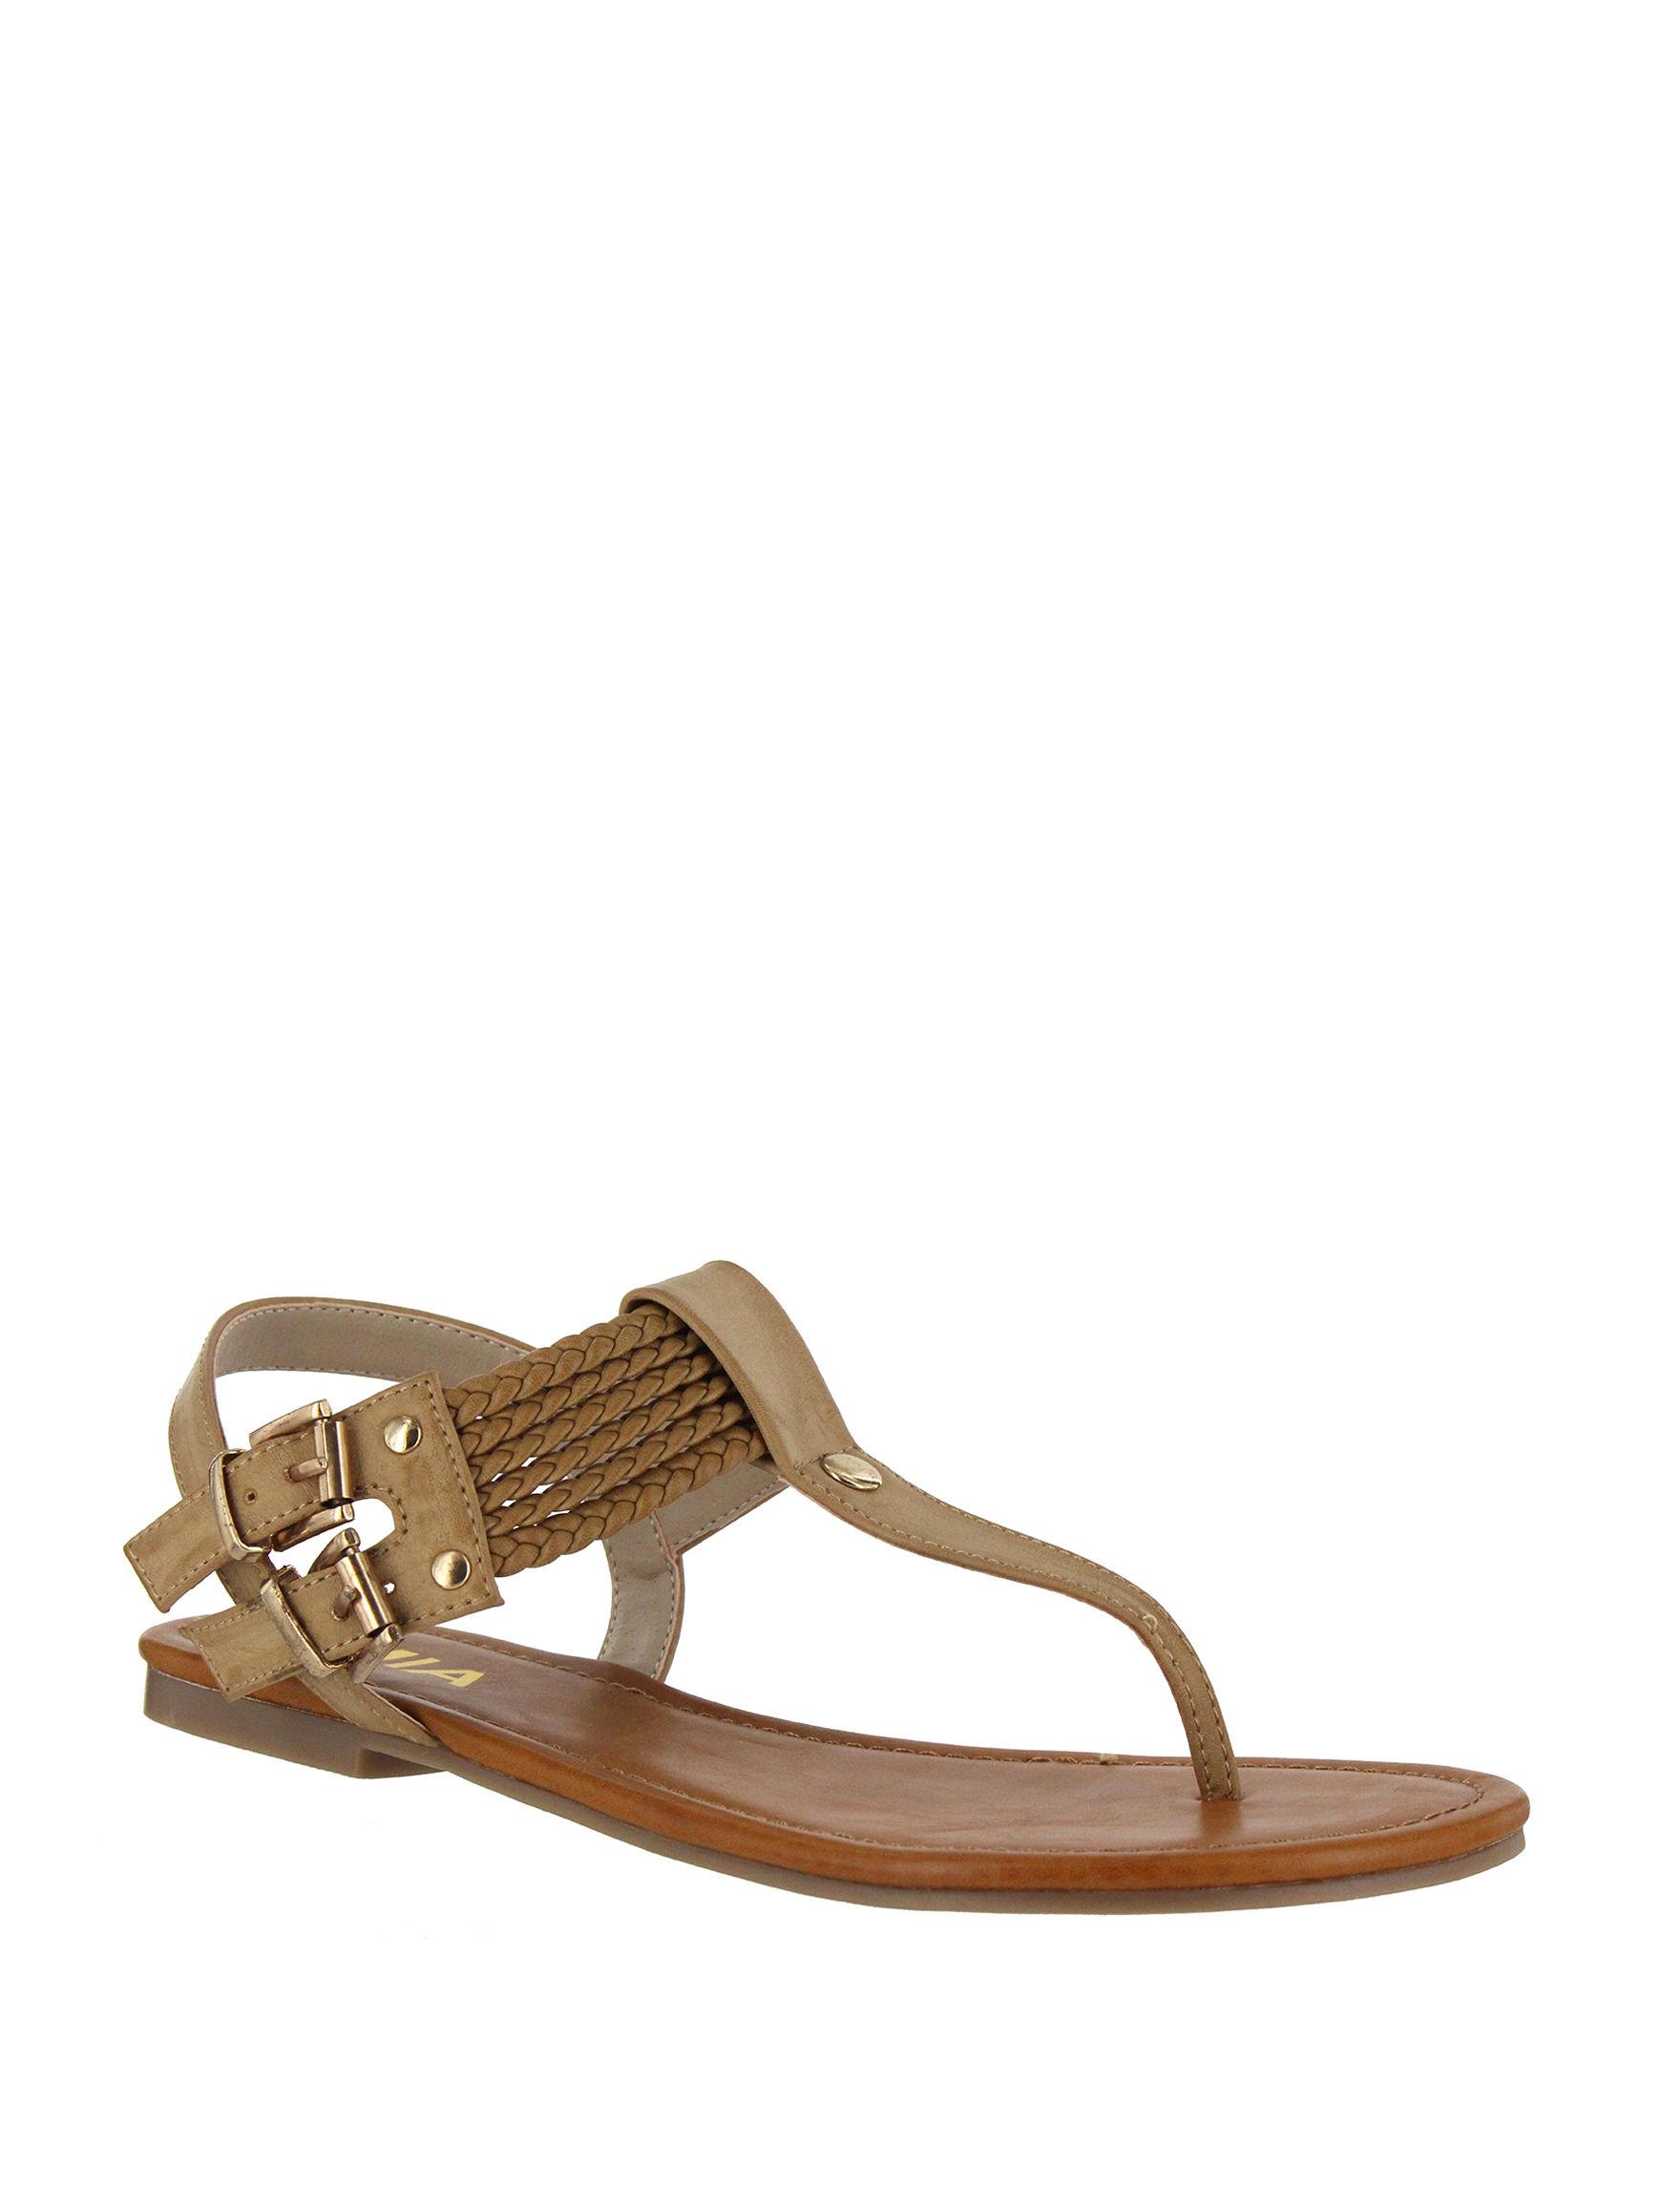 MIA Natural Flat Sandals